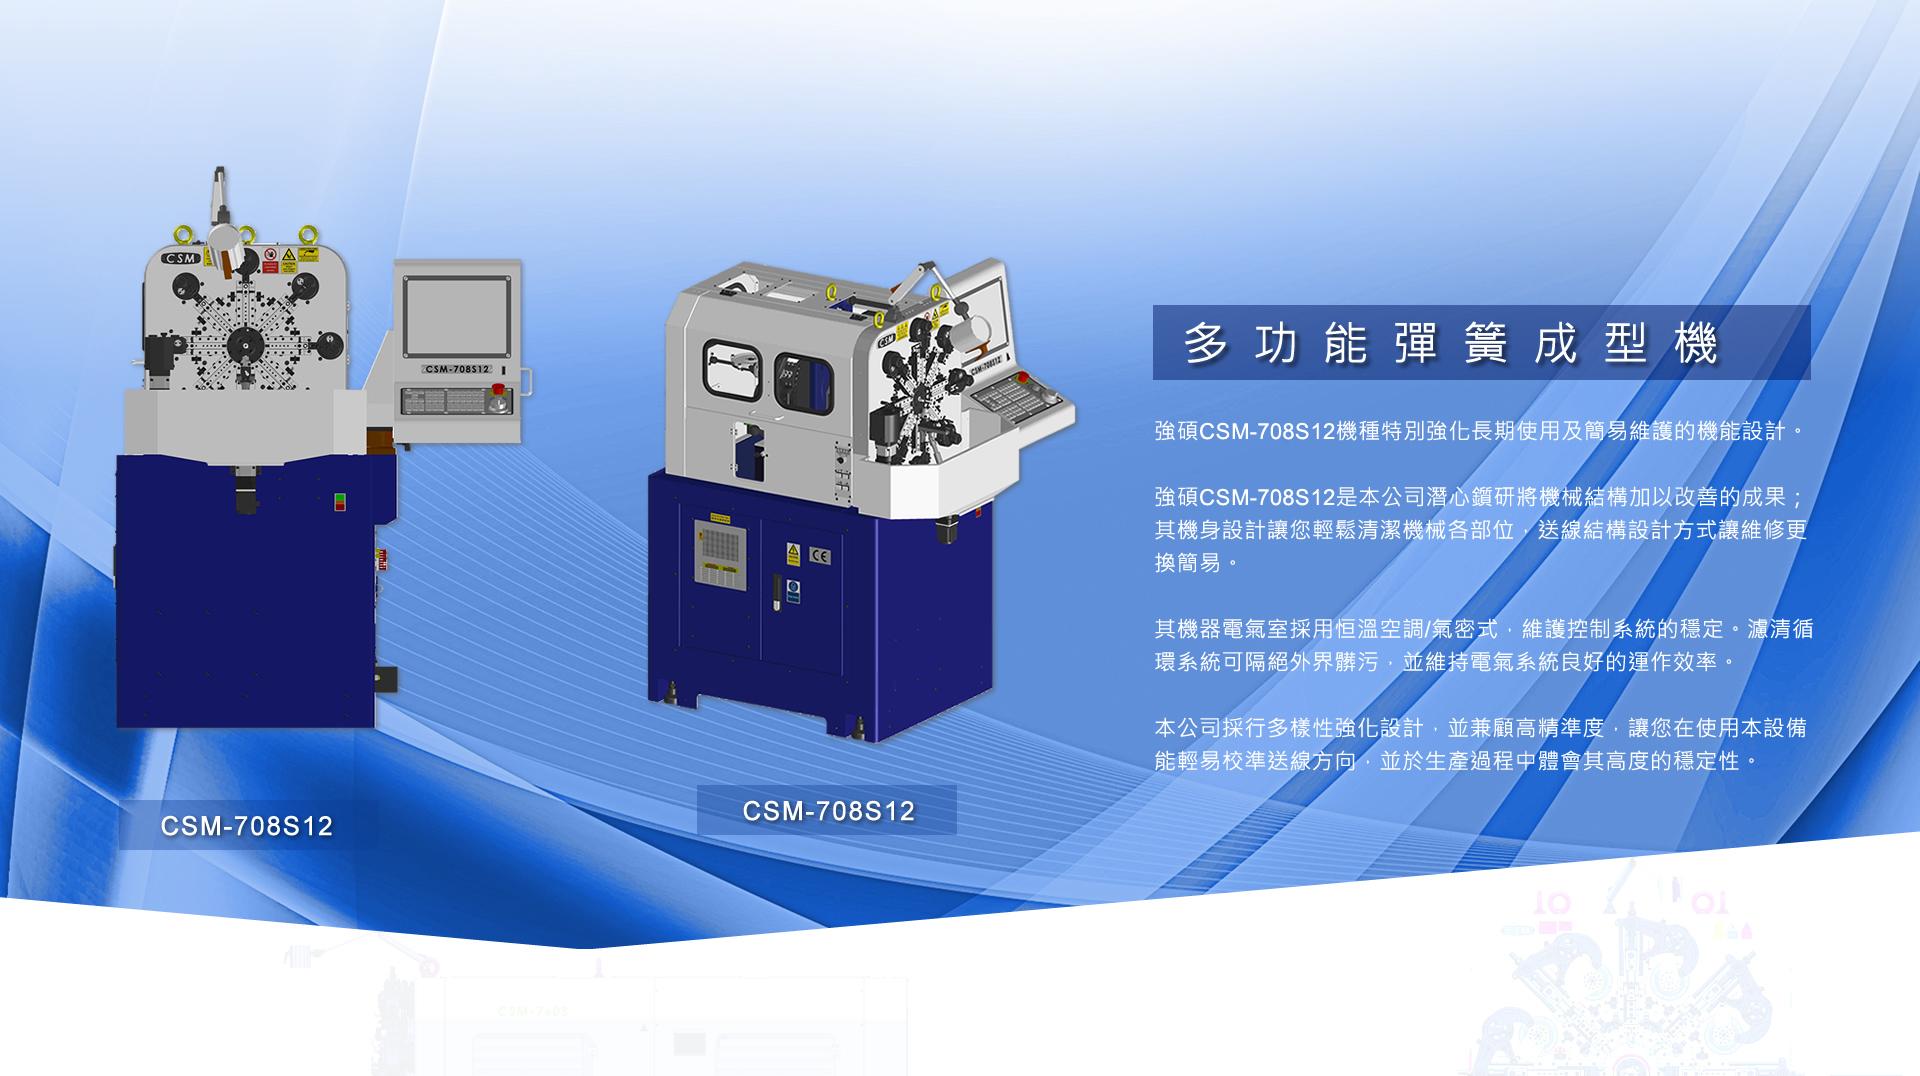 CSM-708S12